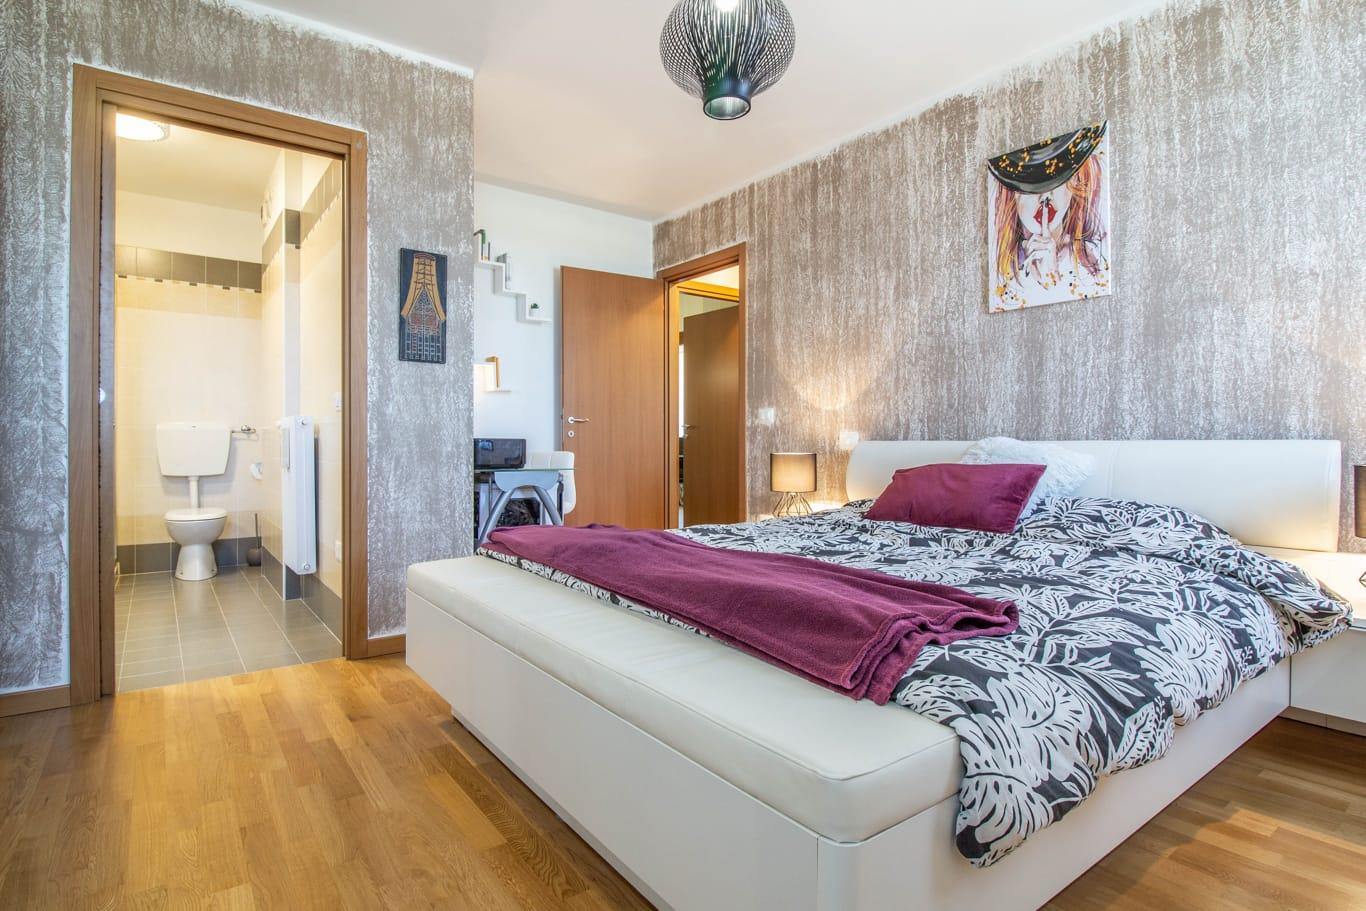 homelead-immobiliare-appartamento-vallenoncello-piazza-valle (1 of 8)